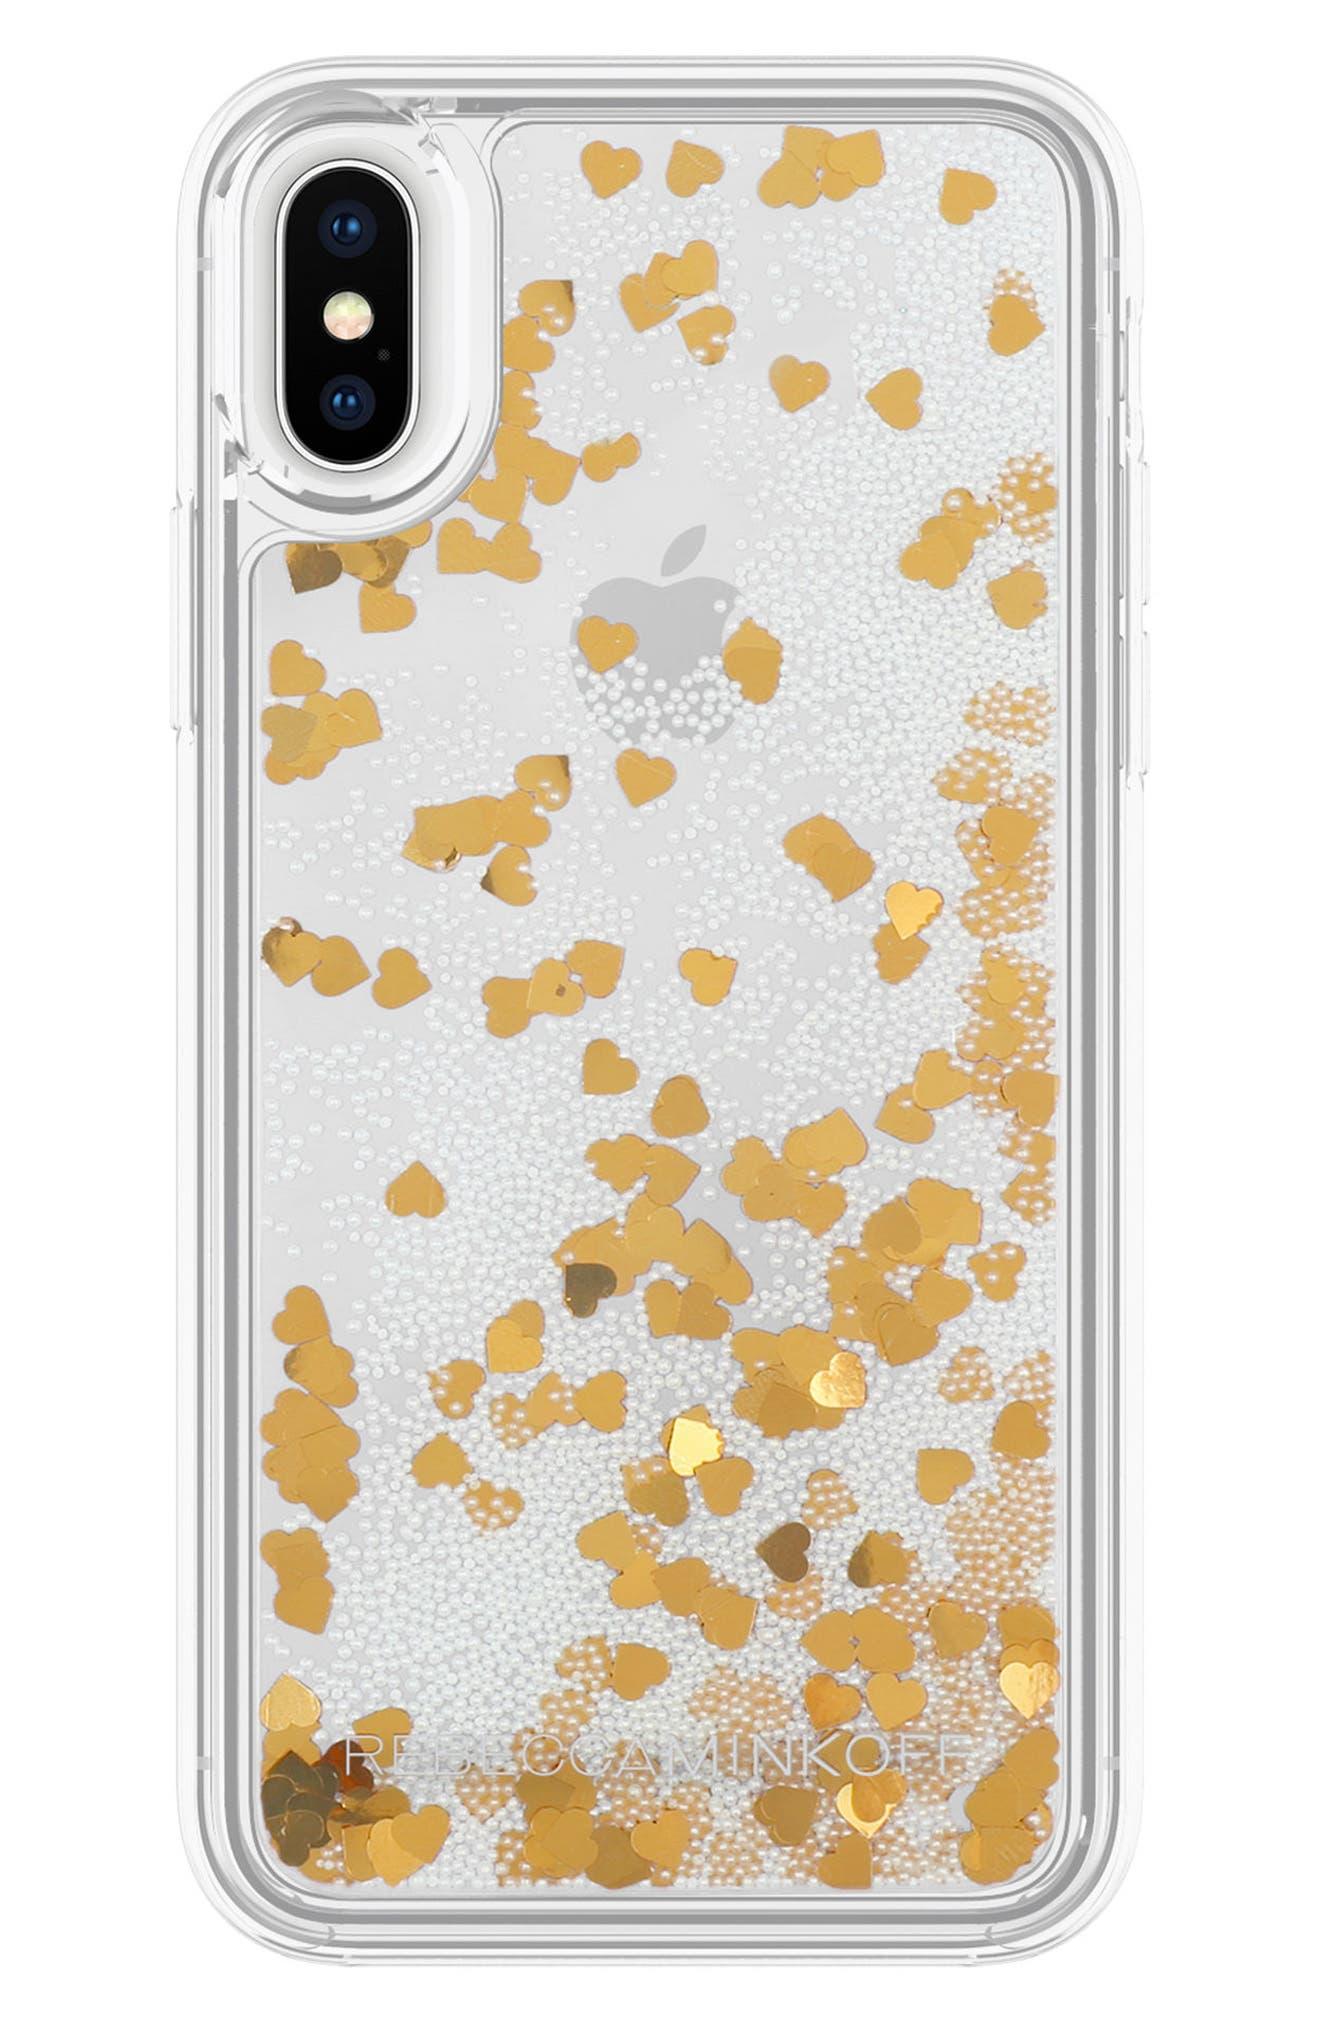 Glitterfall iPhone 8 Plus Case,                         Main,                         color, Mini Pearls/ Heart Confetti